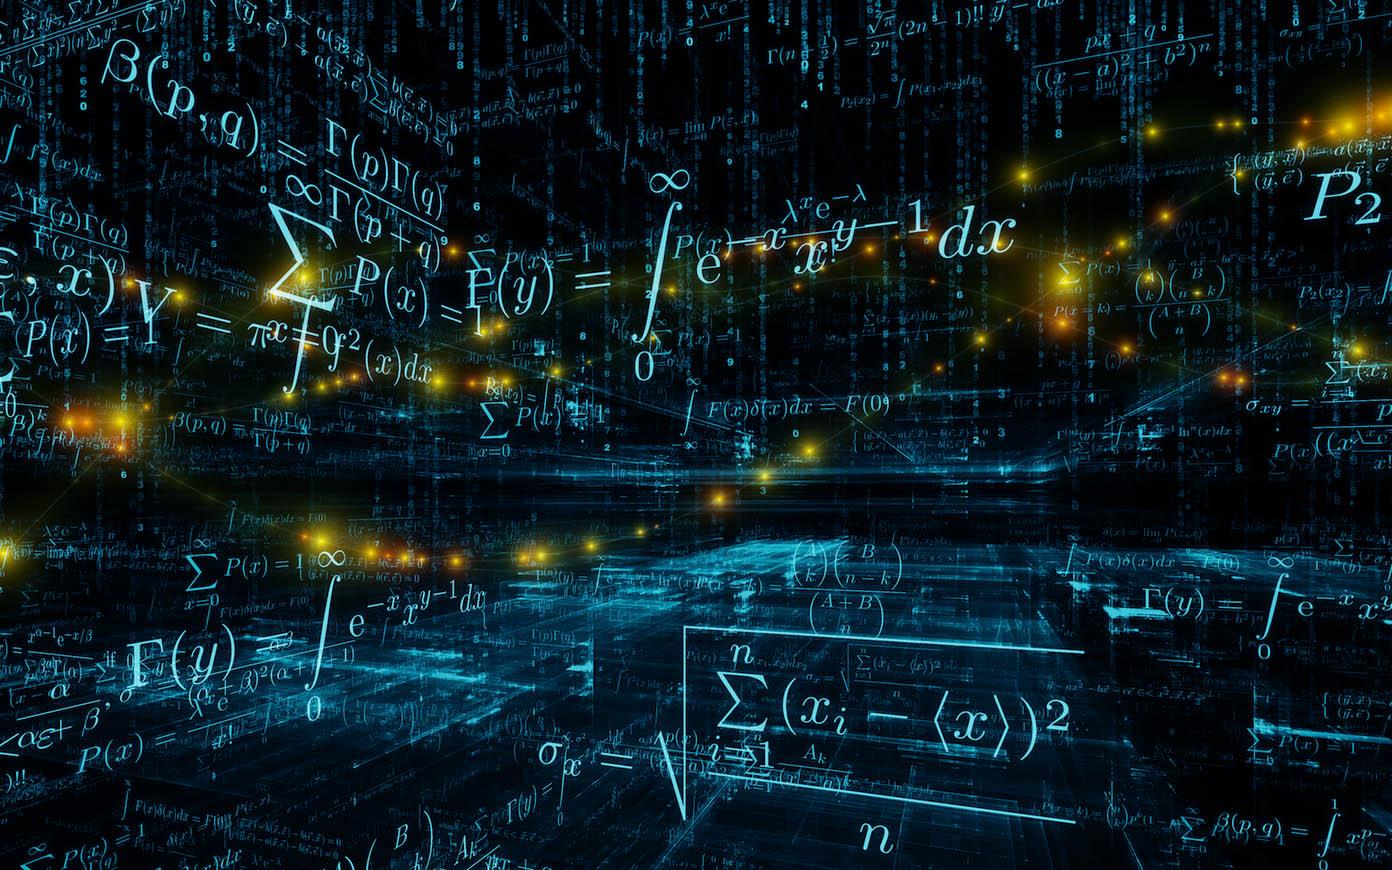 matematica_per_scienze_agrarie_1533635725.png